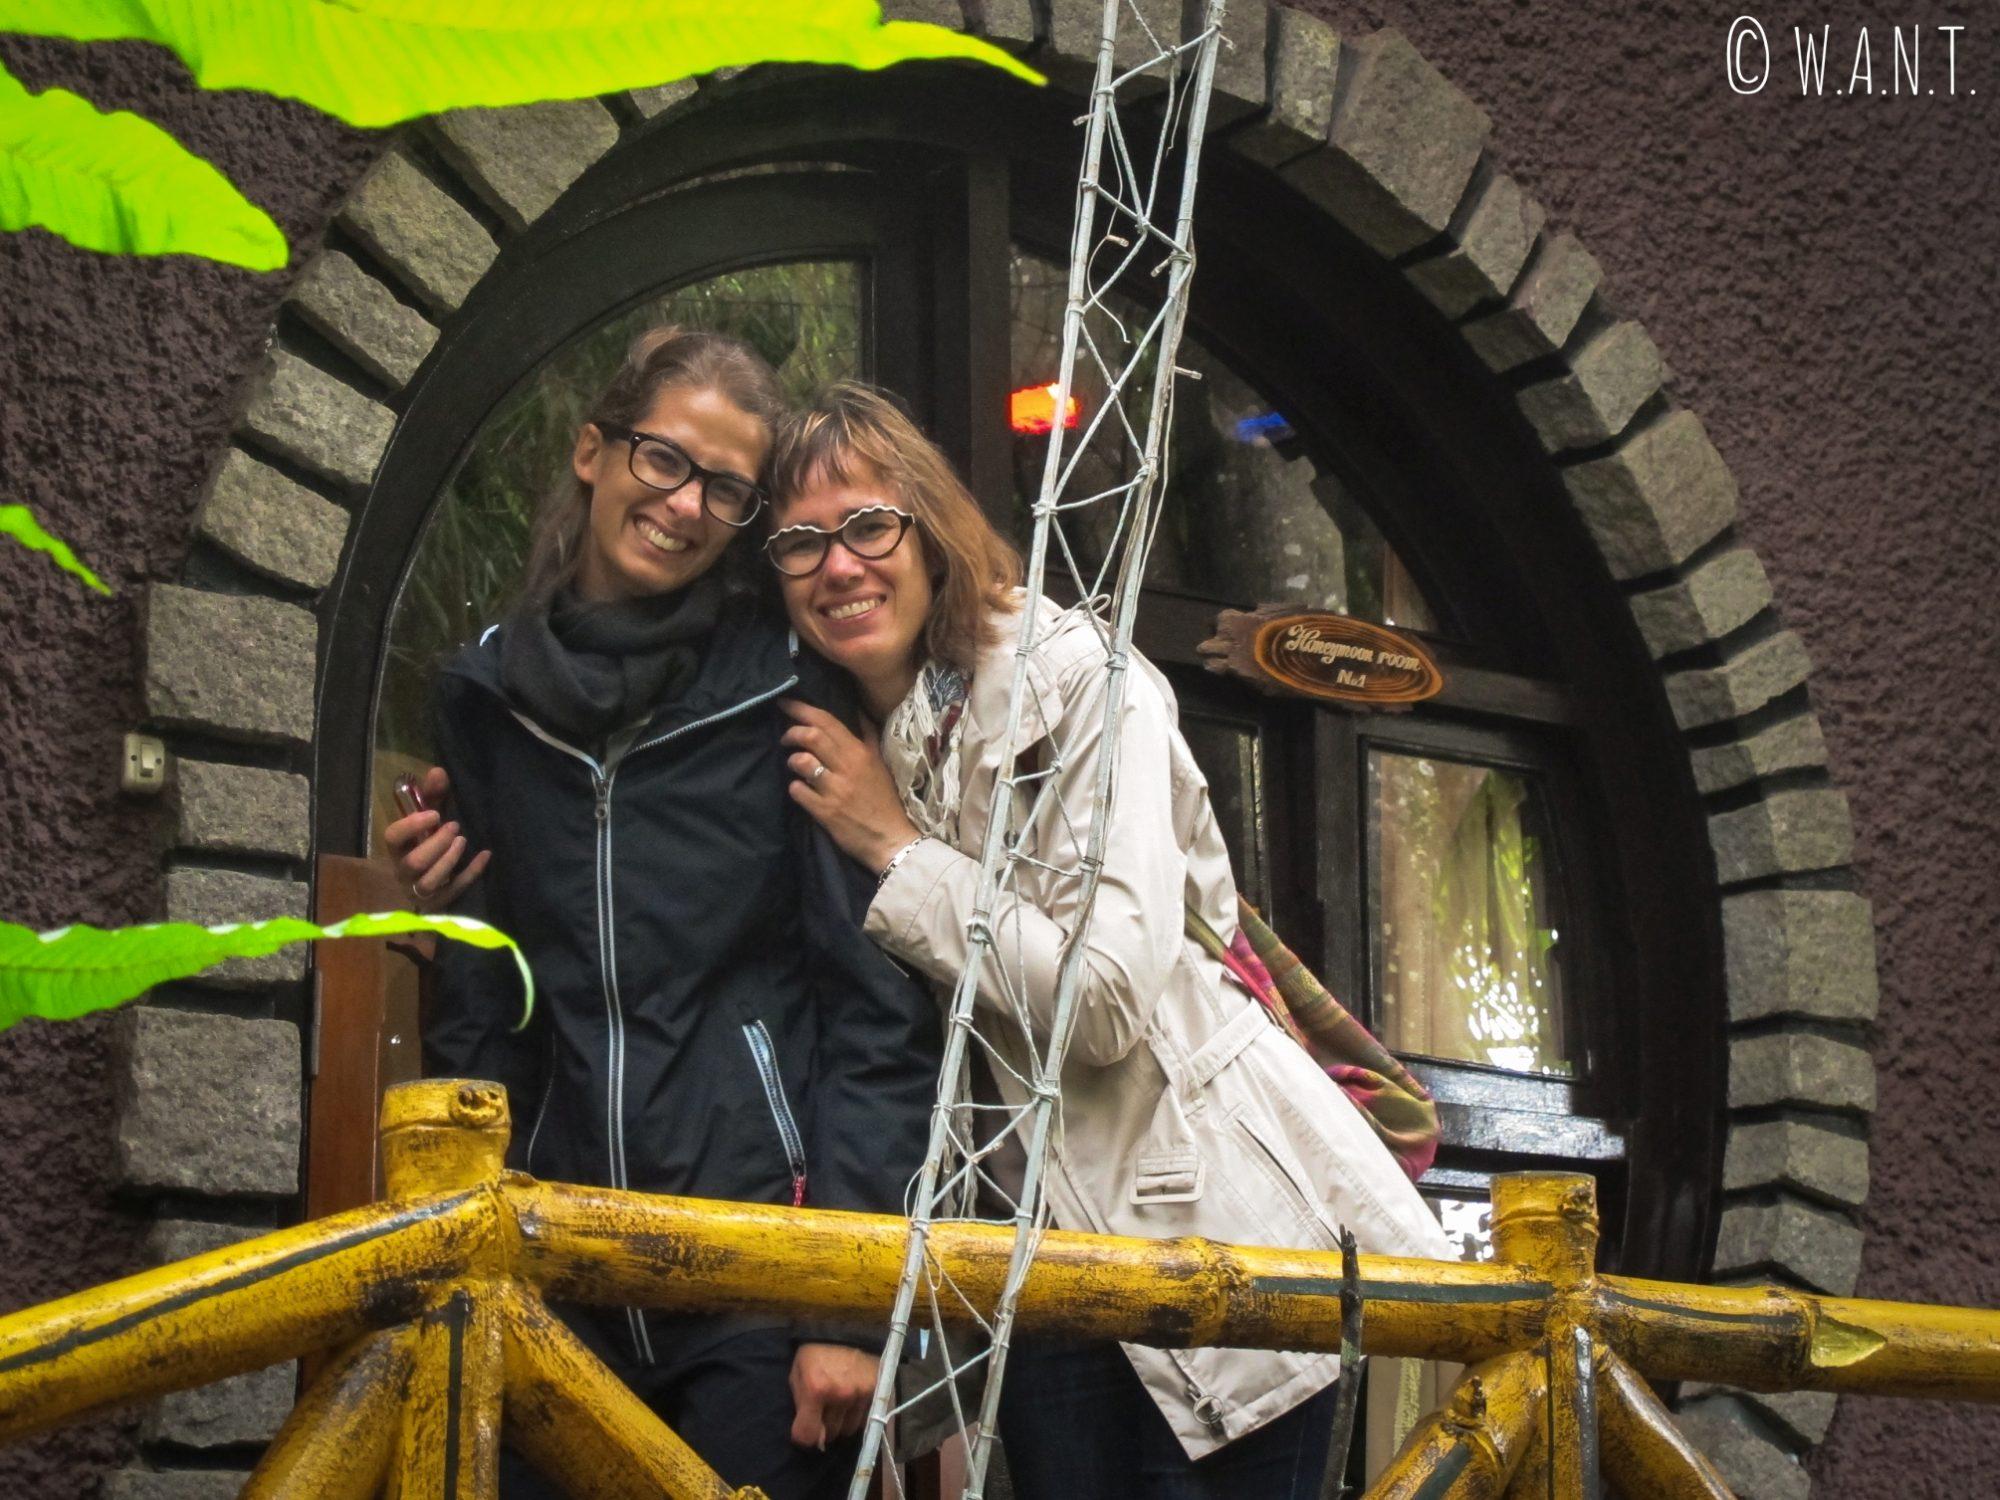 Anne et Marion adorent l'atmosphère décalée de la Crazy House de Da Lat